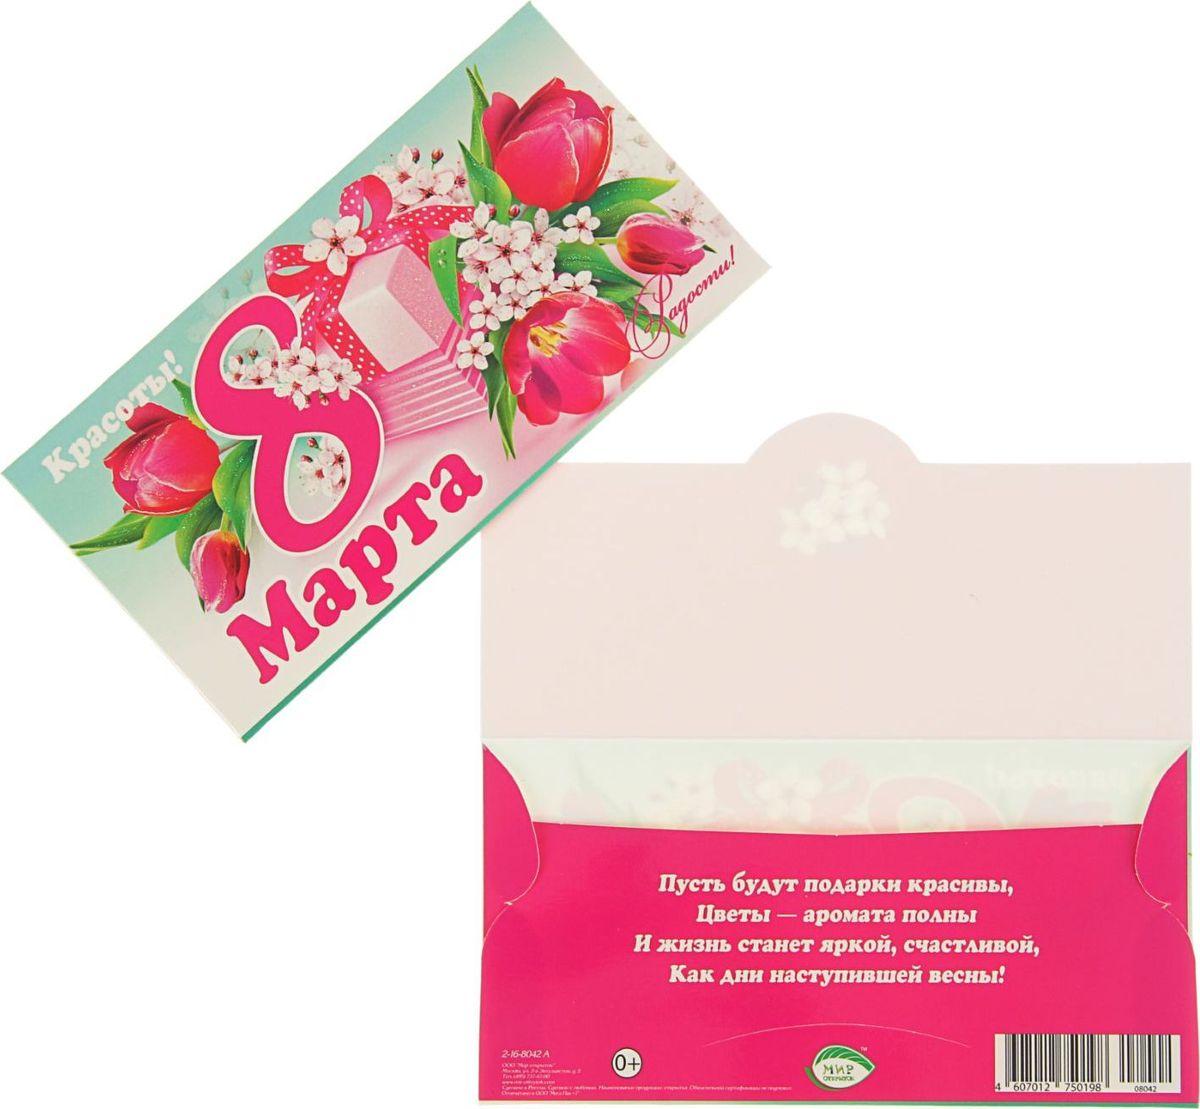 Конверт для денег Мир открыток 8 марта. Тюльпаны, розовая коробка, 16,4 х 8,4 см2094147Невозможно представить нашу жизнь без праздников! Мы всегда ждём их и предвкушаем, обдумываем, как проведём памятный день, тщательно выбираем подарки и аксессуары, ведь именно они создают и поддерживают торжественный настрой. Этот конверт - отличный выбор, который привнесёт атмосферу праздника в ваш дом!